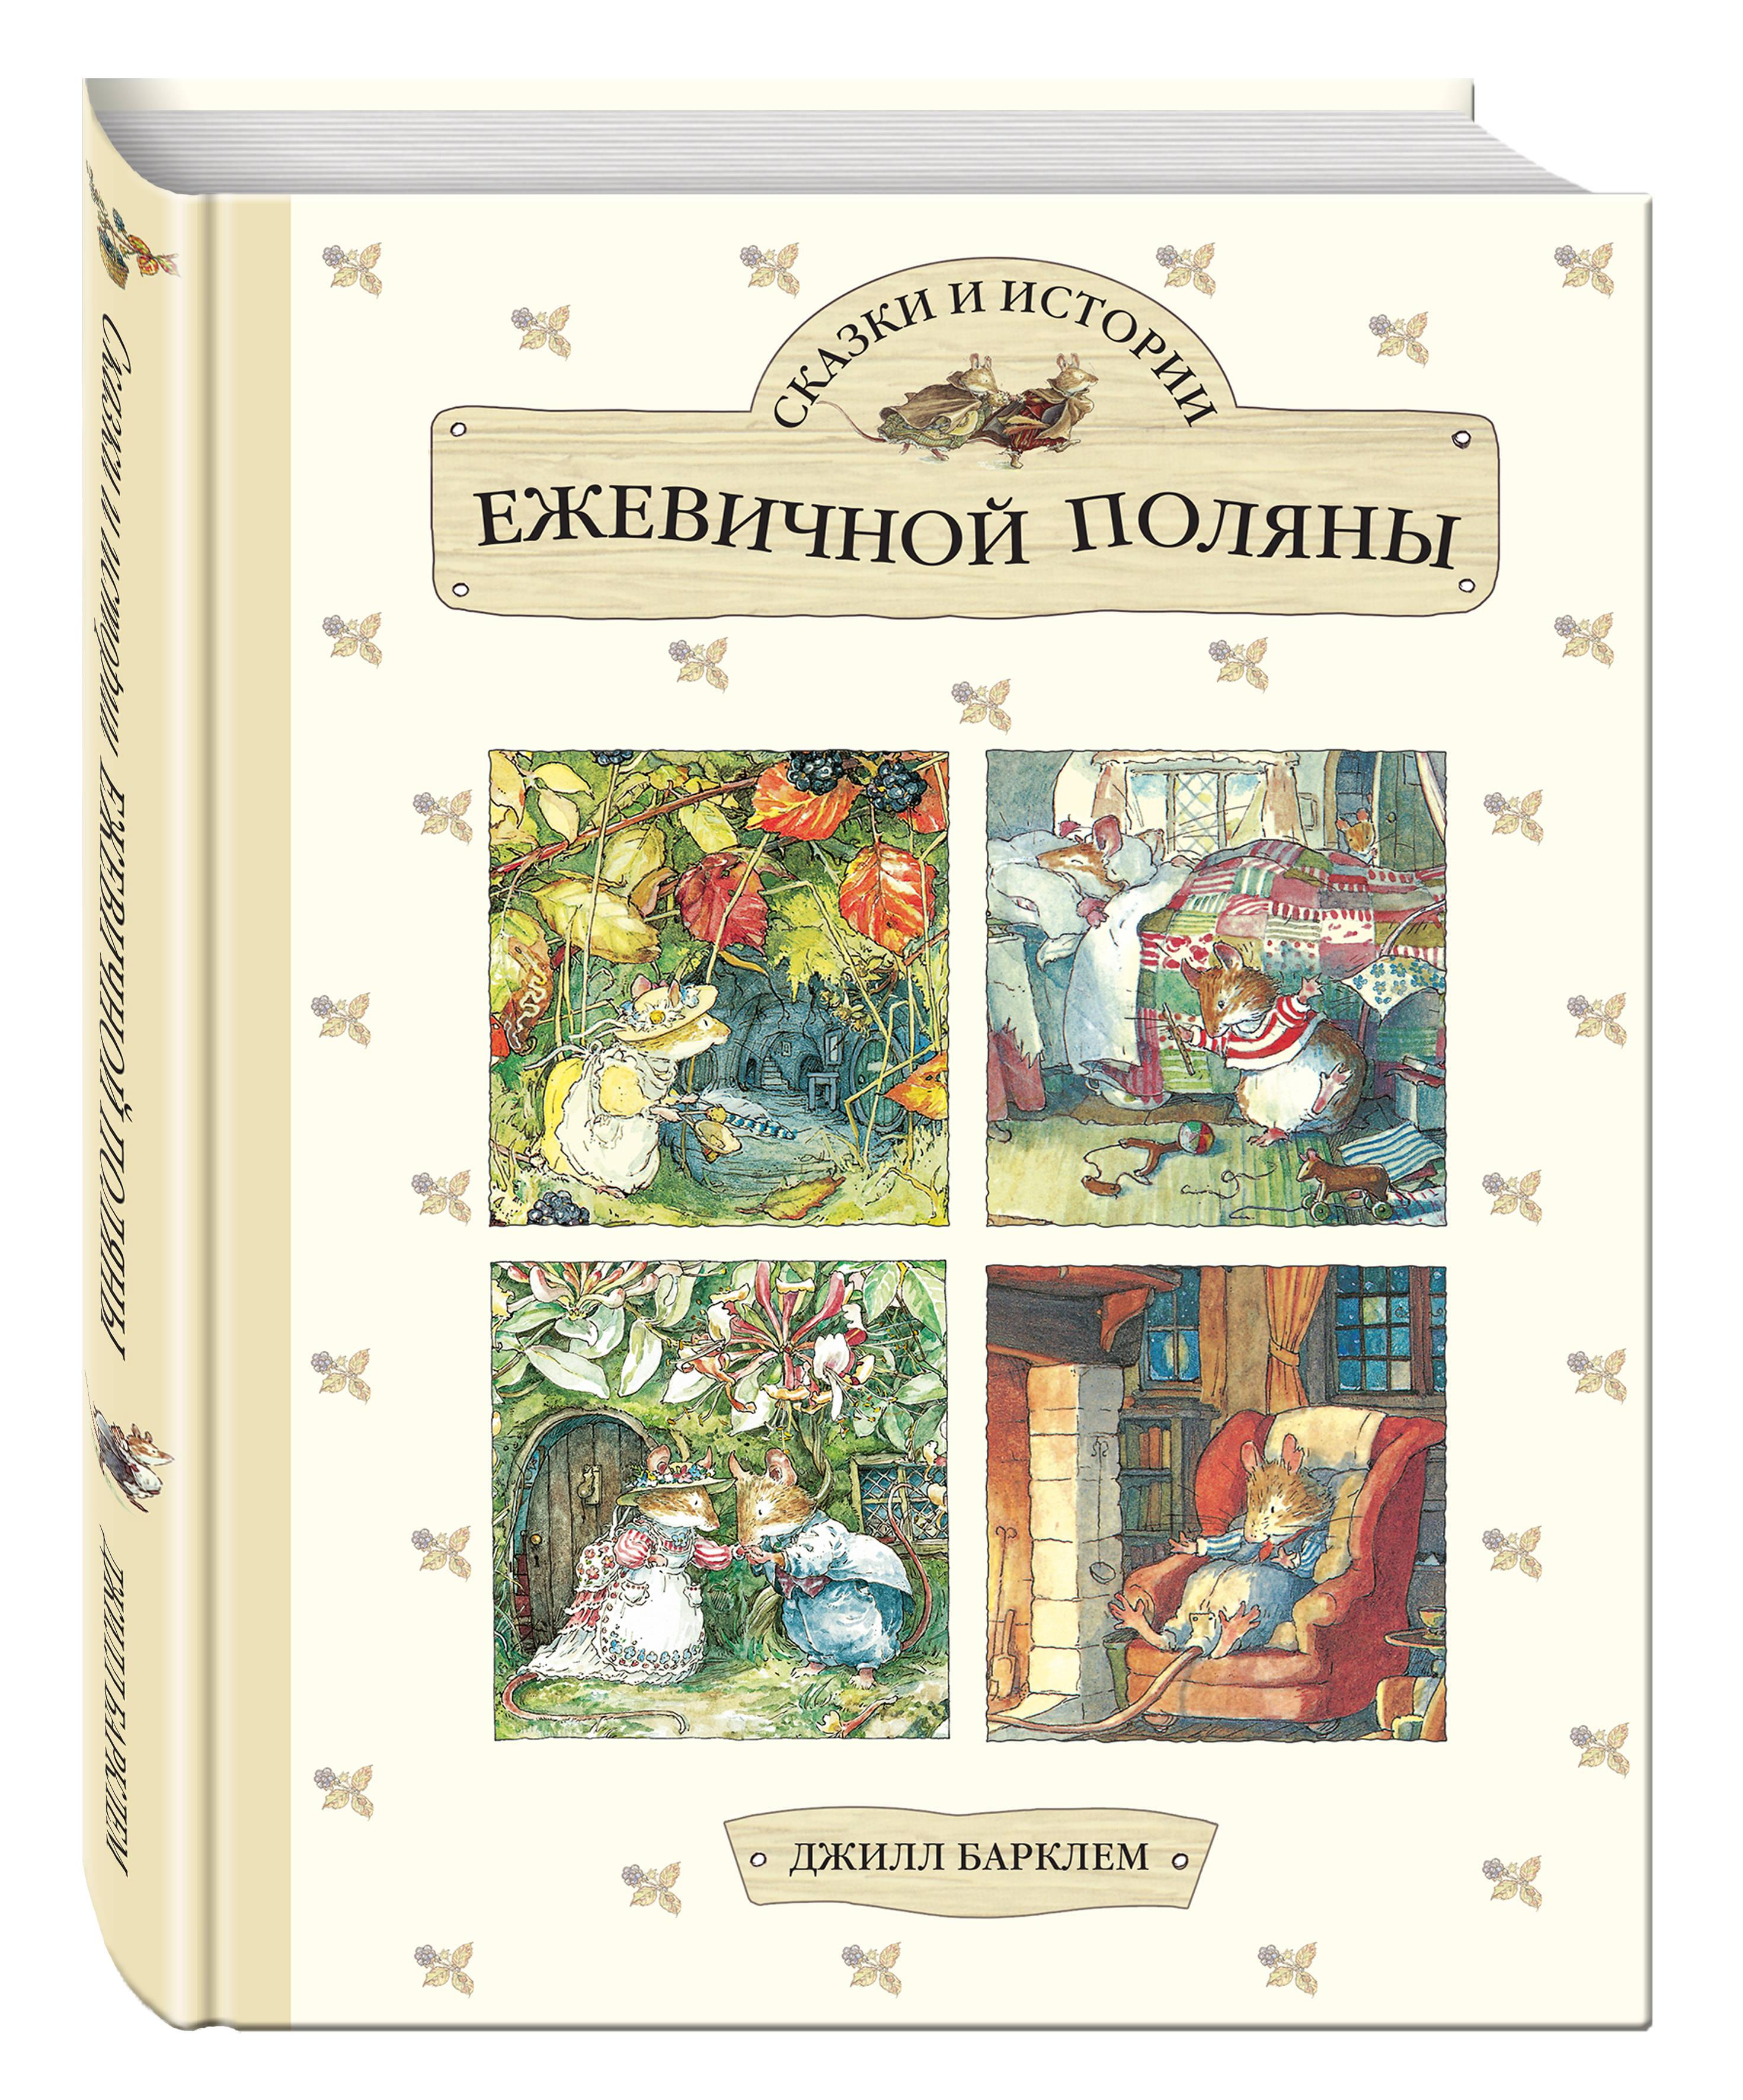 Барклем Д. Сказки и истории Ежевичной поляны барклем д весенняя история